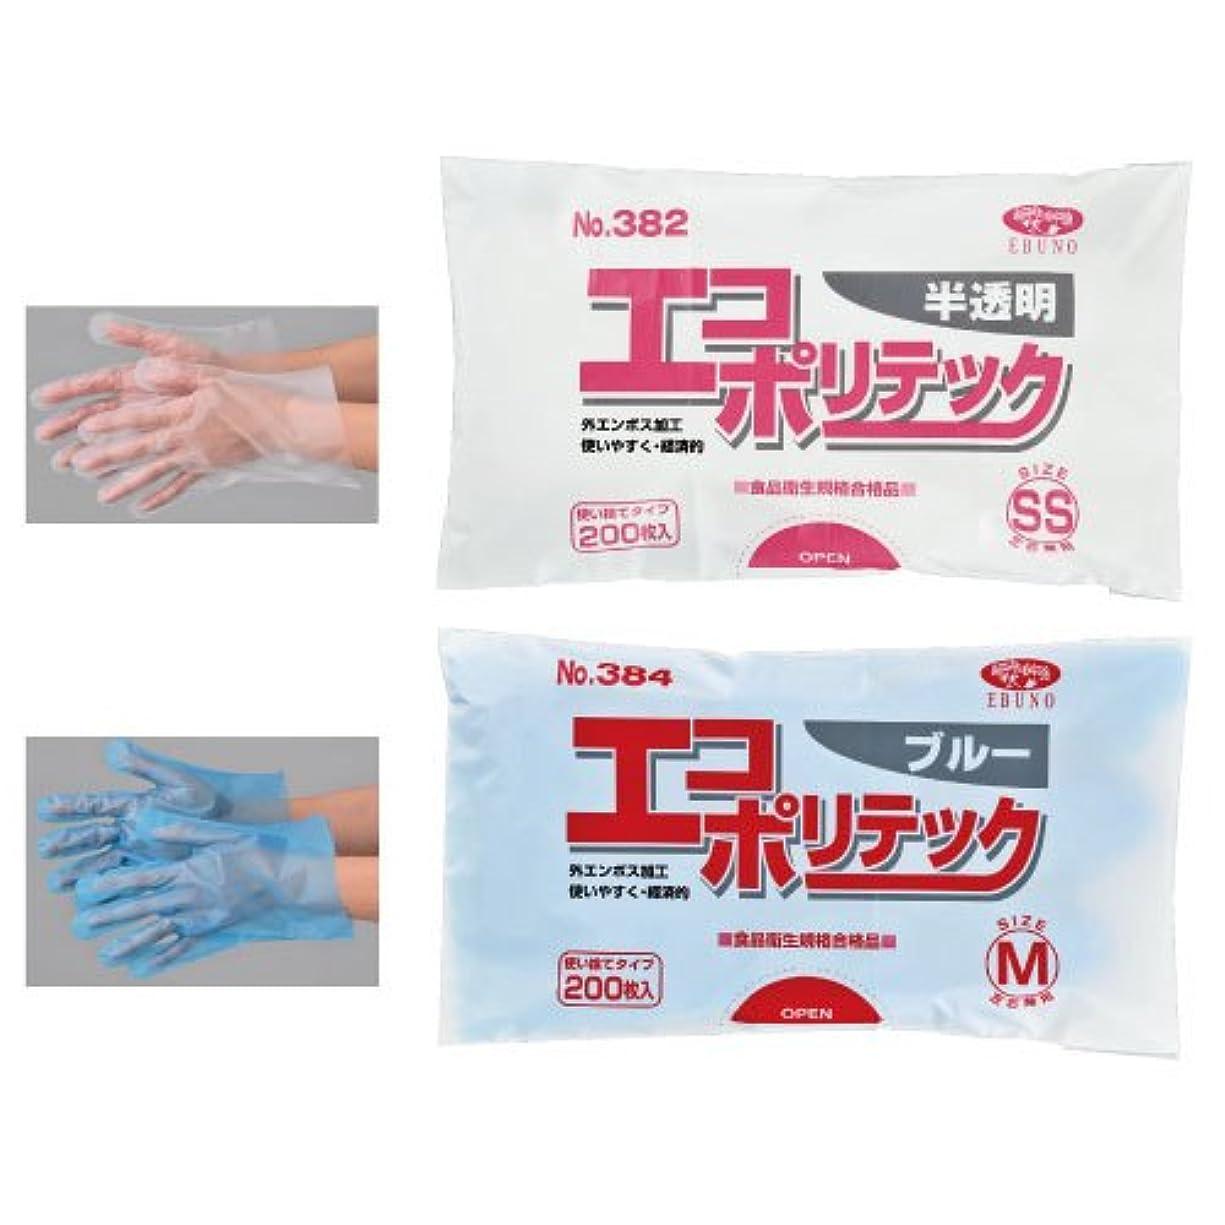 エブノ ポリエチレン手袋 No.382 S 半透明 (200枚×30袋) エコポリテック 袋入